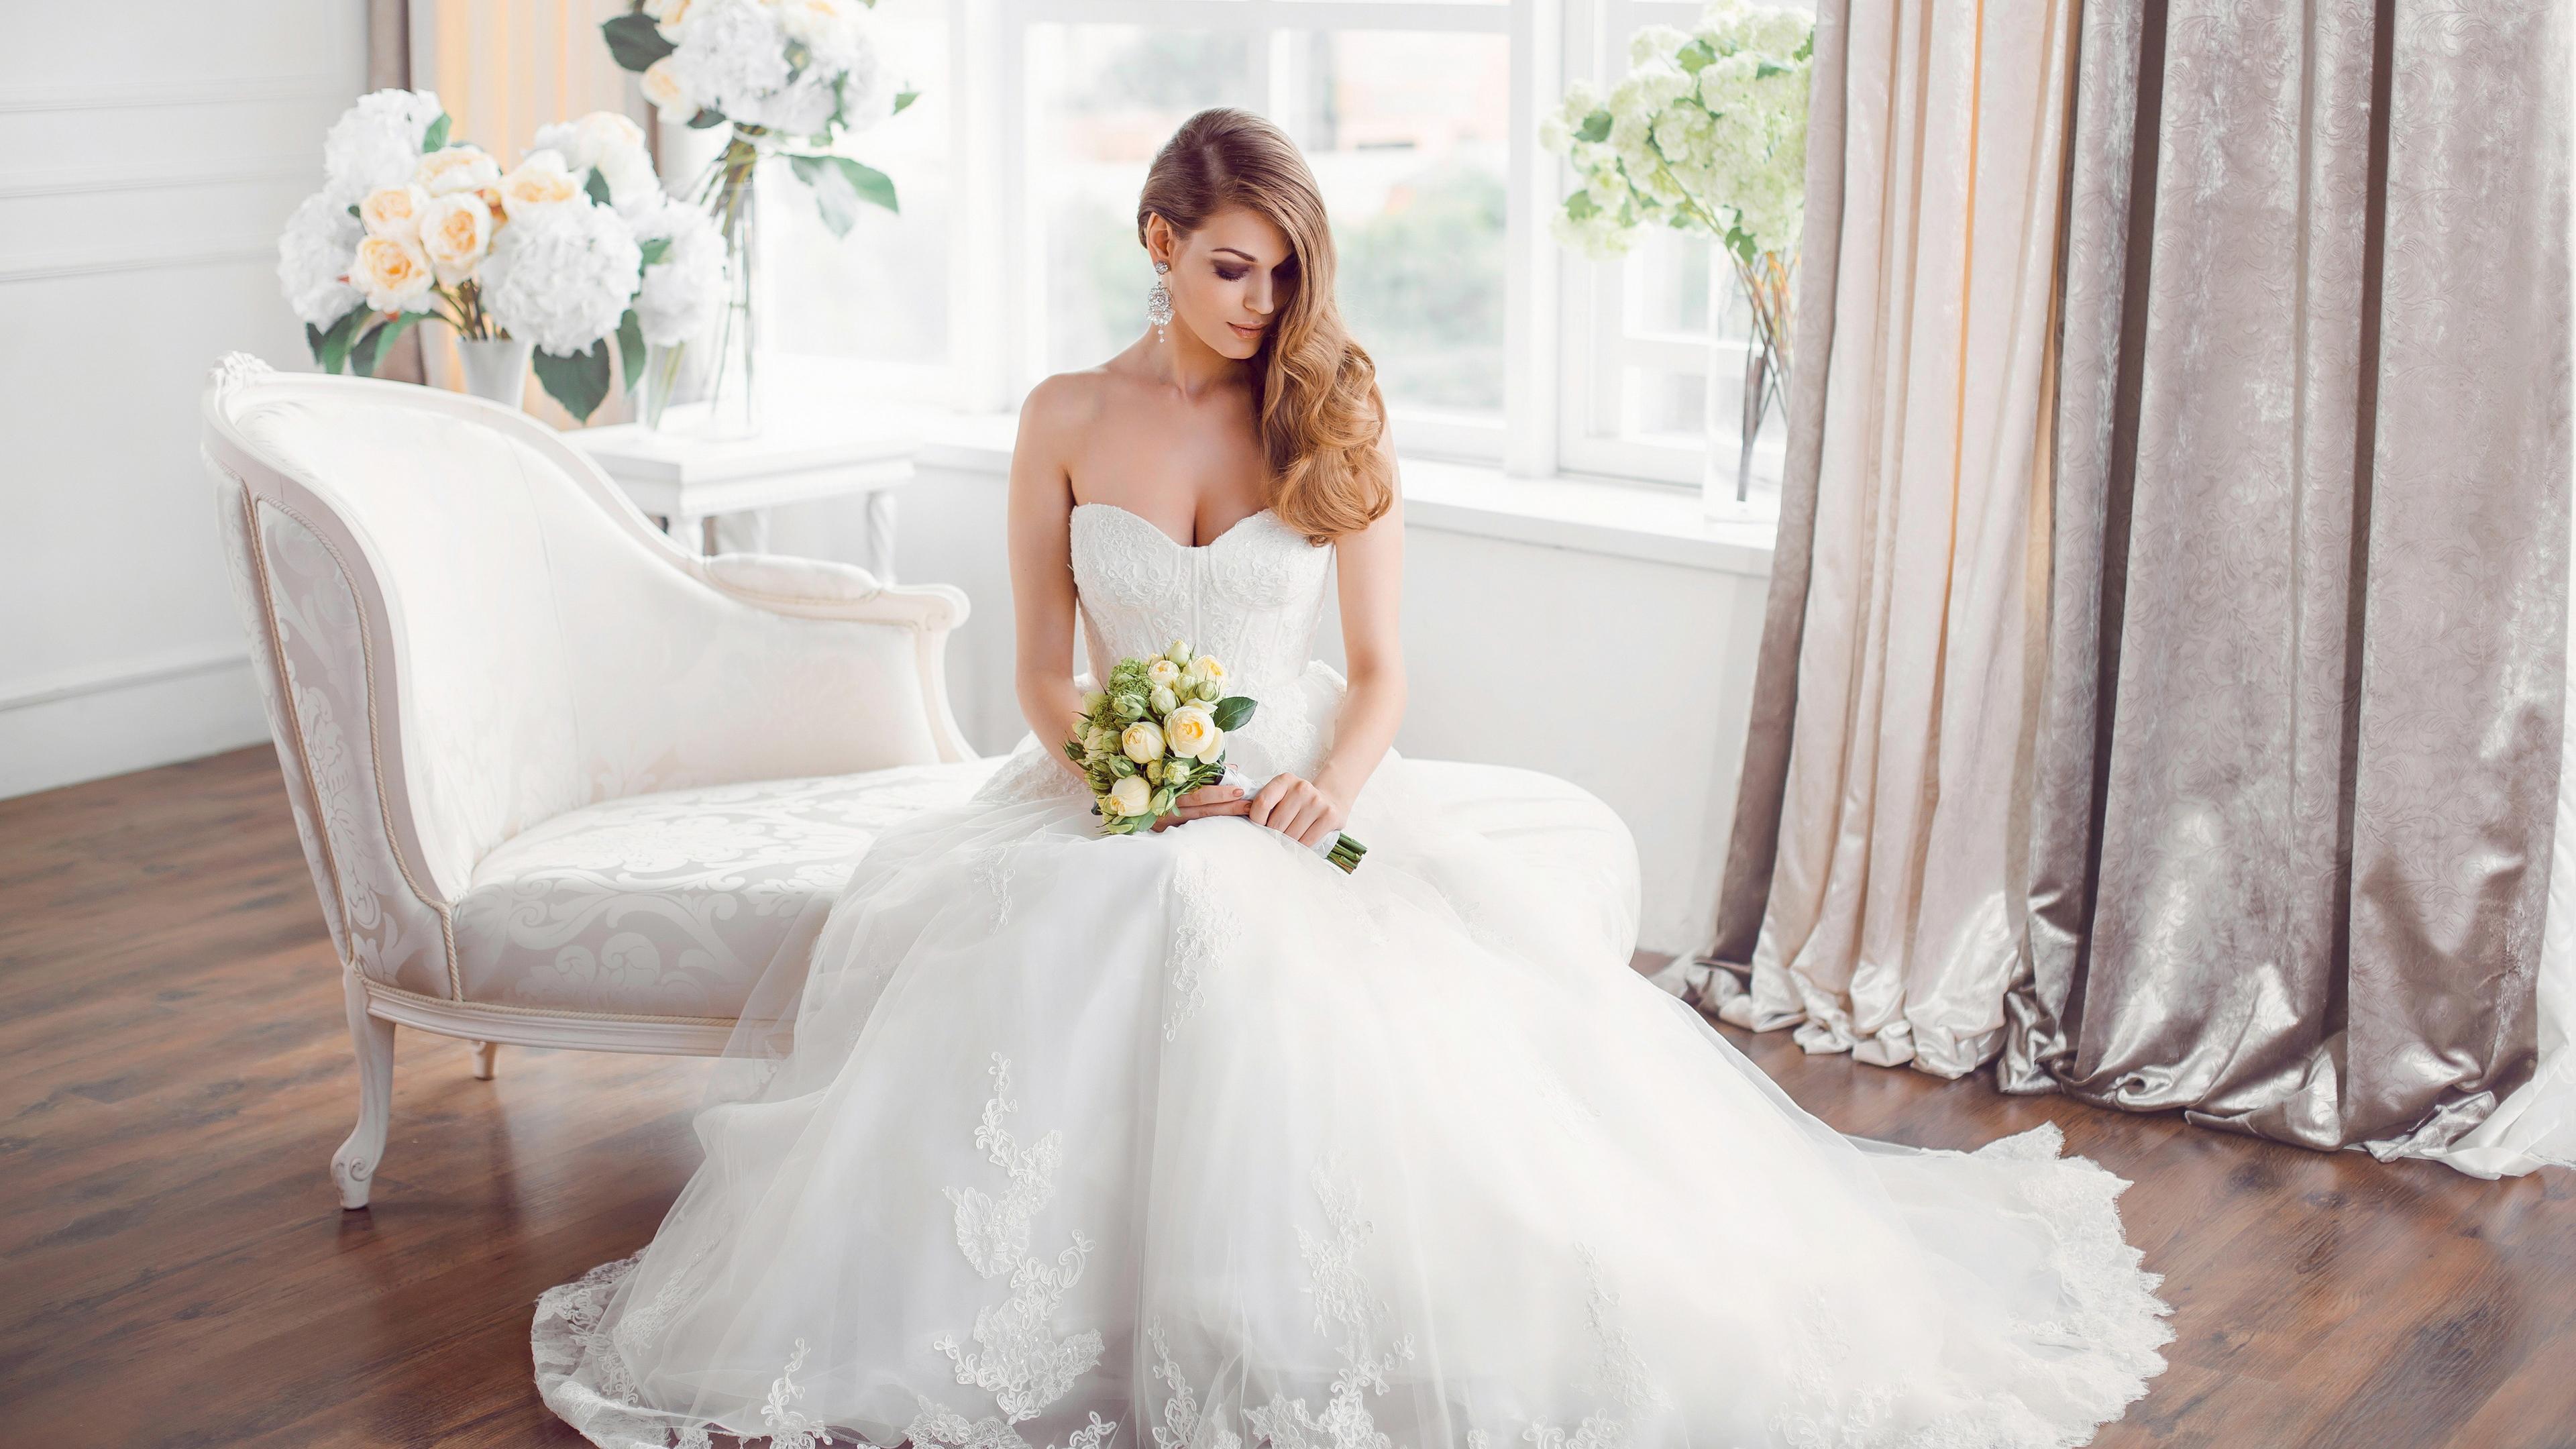 Невеста в белоснежном платье с букетом роз